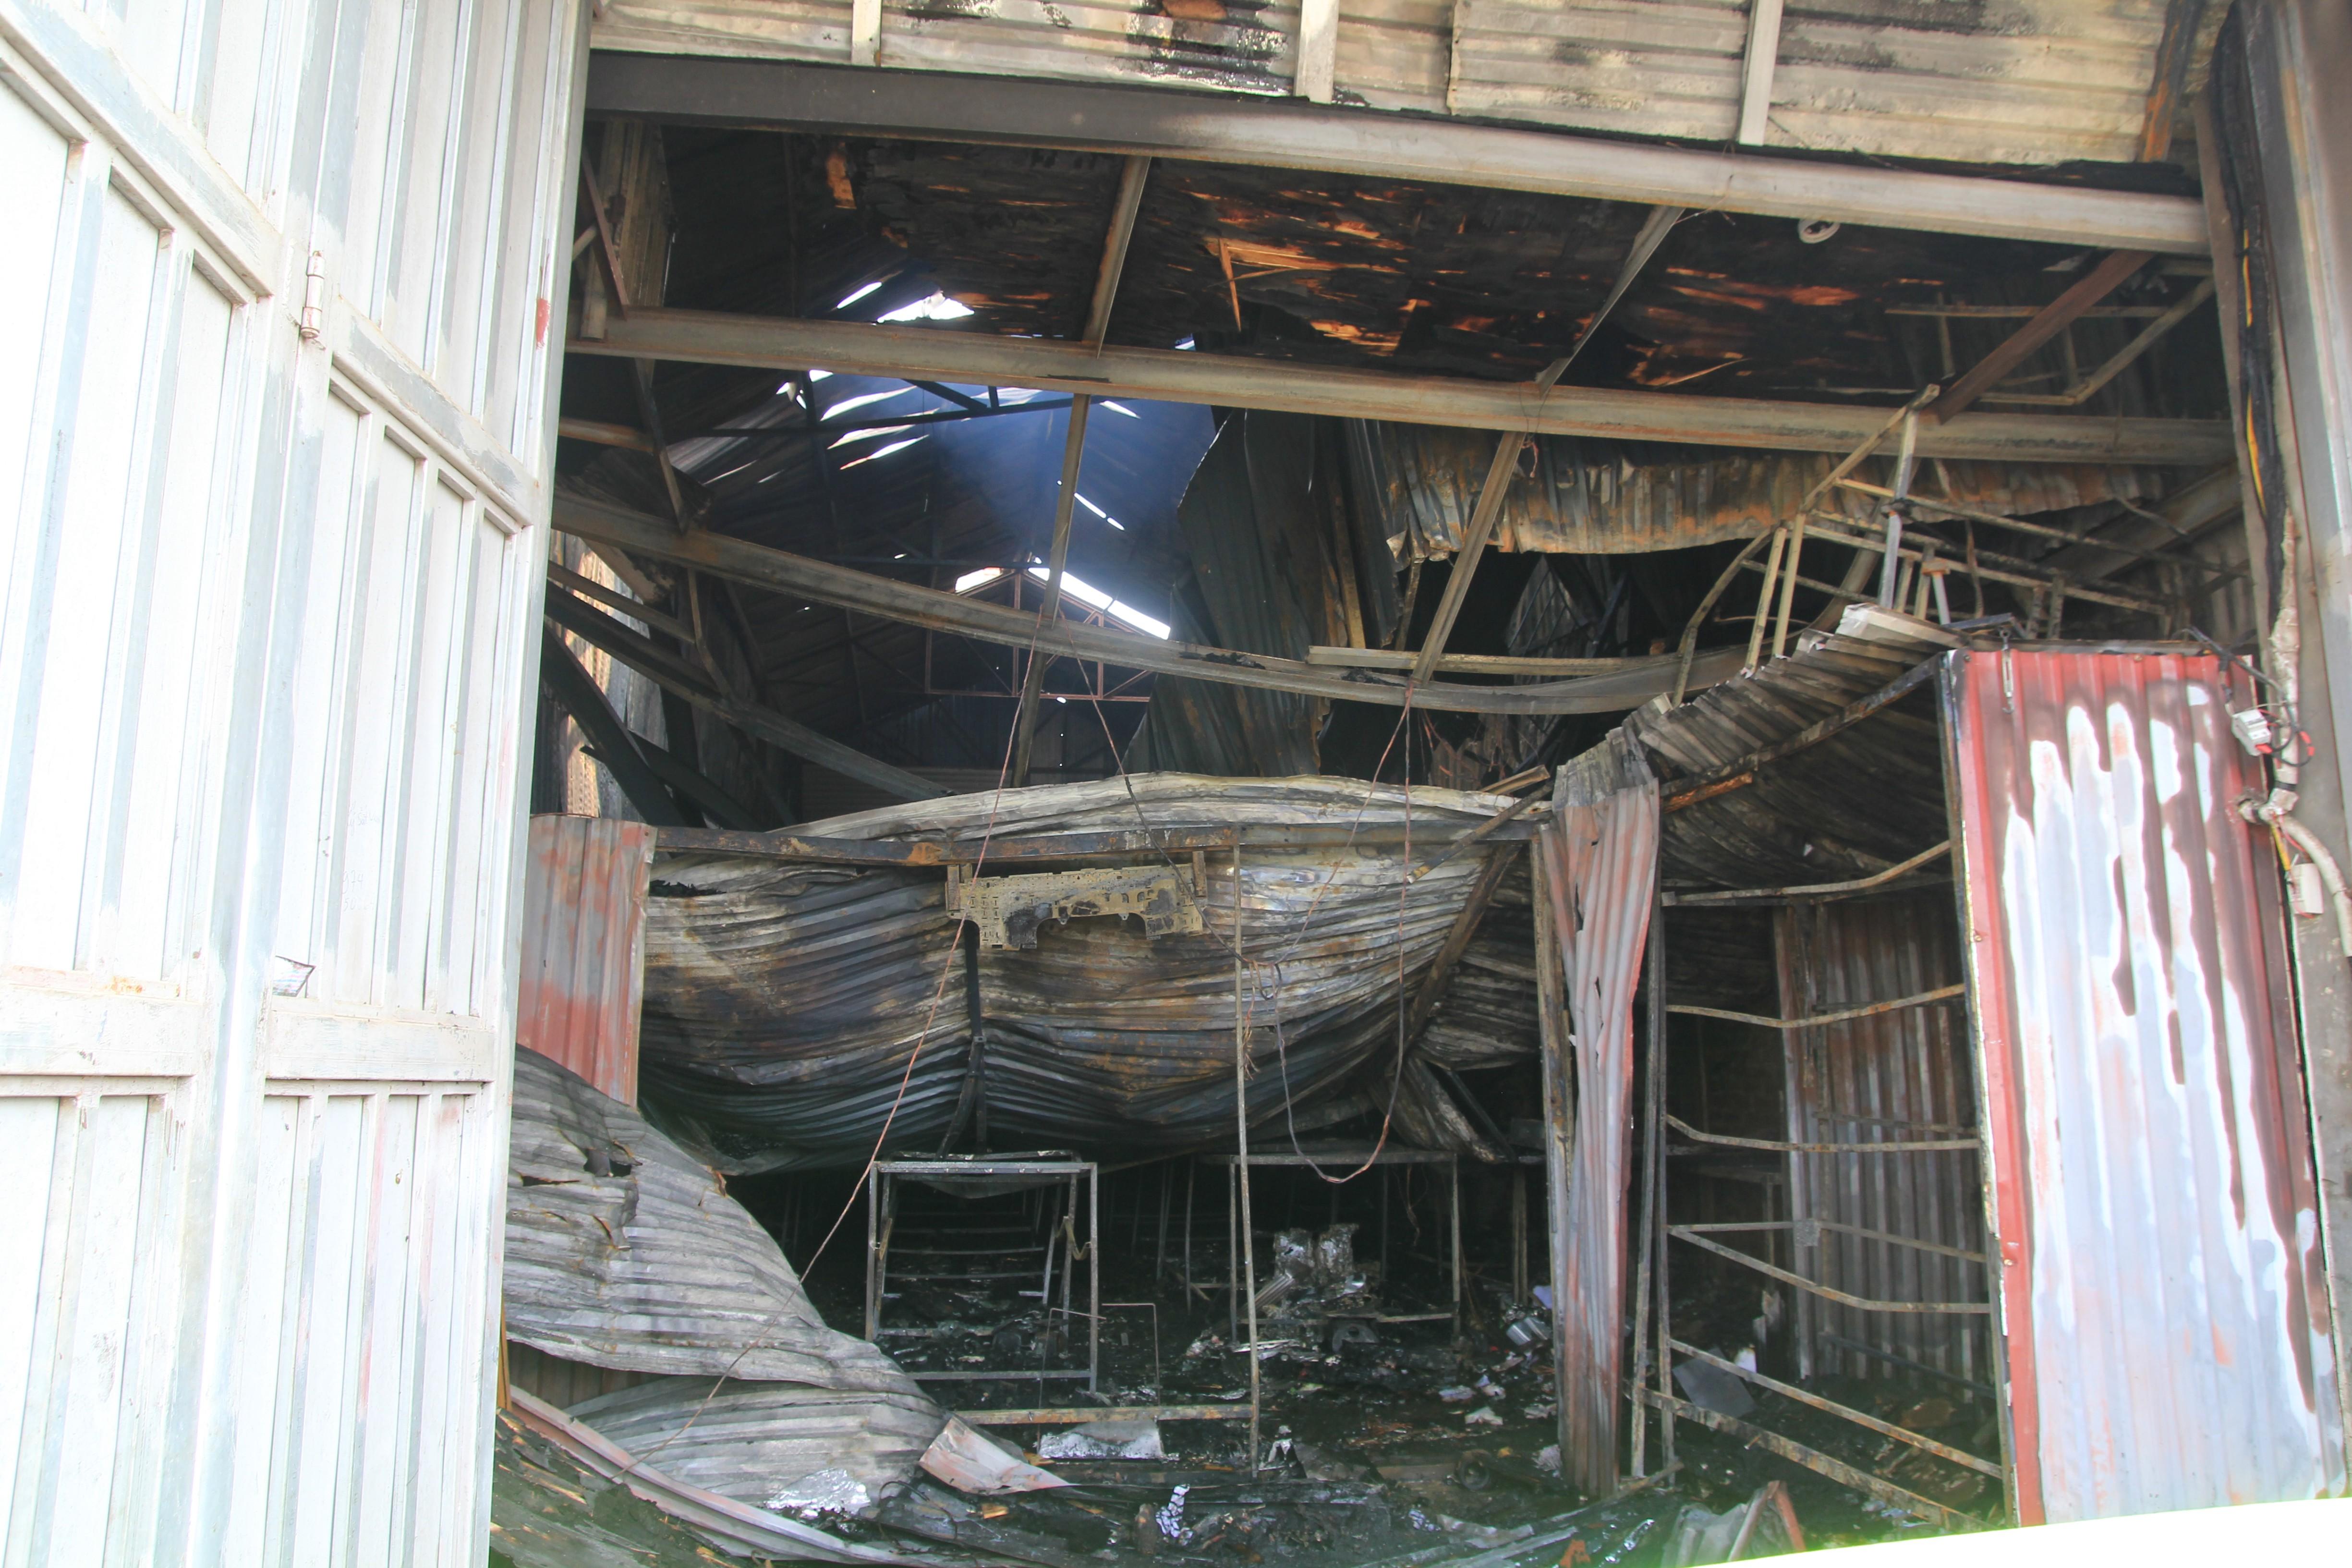 Hình ảnh hiện trường vụ cháy xưởng bánh kẹo làm 8 công nhân tử vong ở Hoài Đức - Ảnh 2.